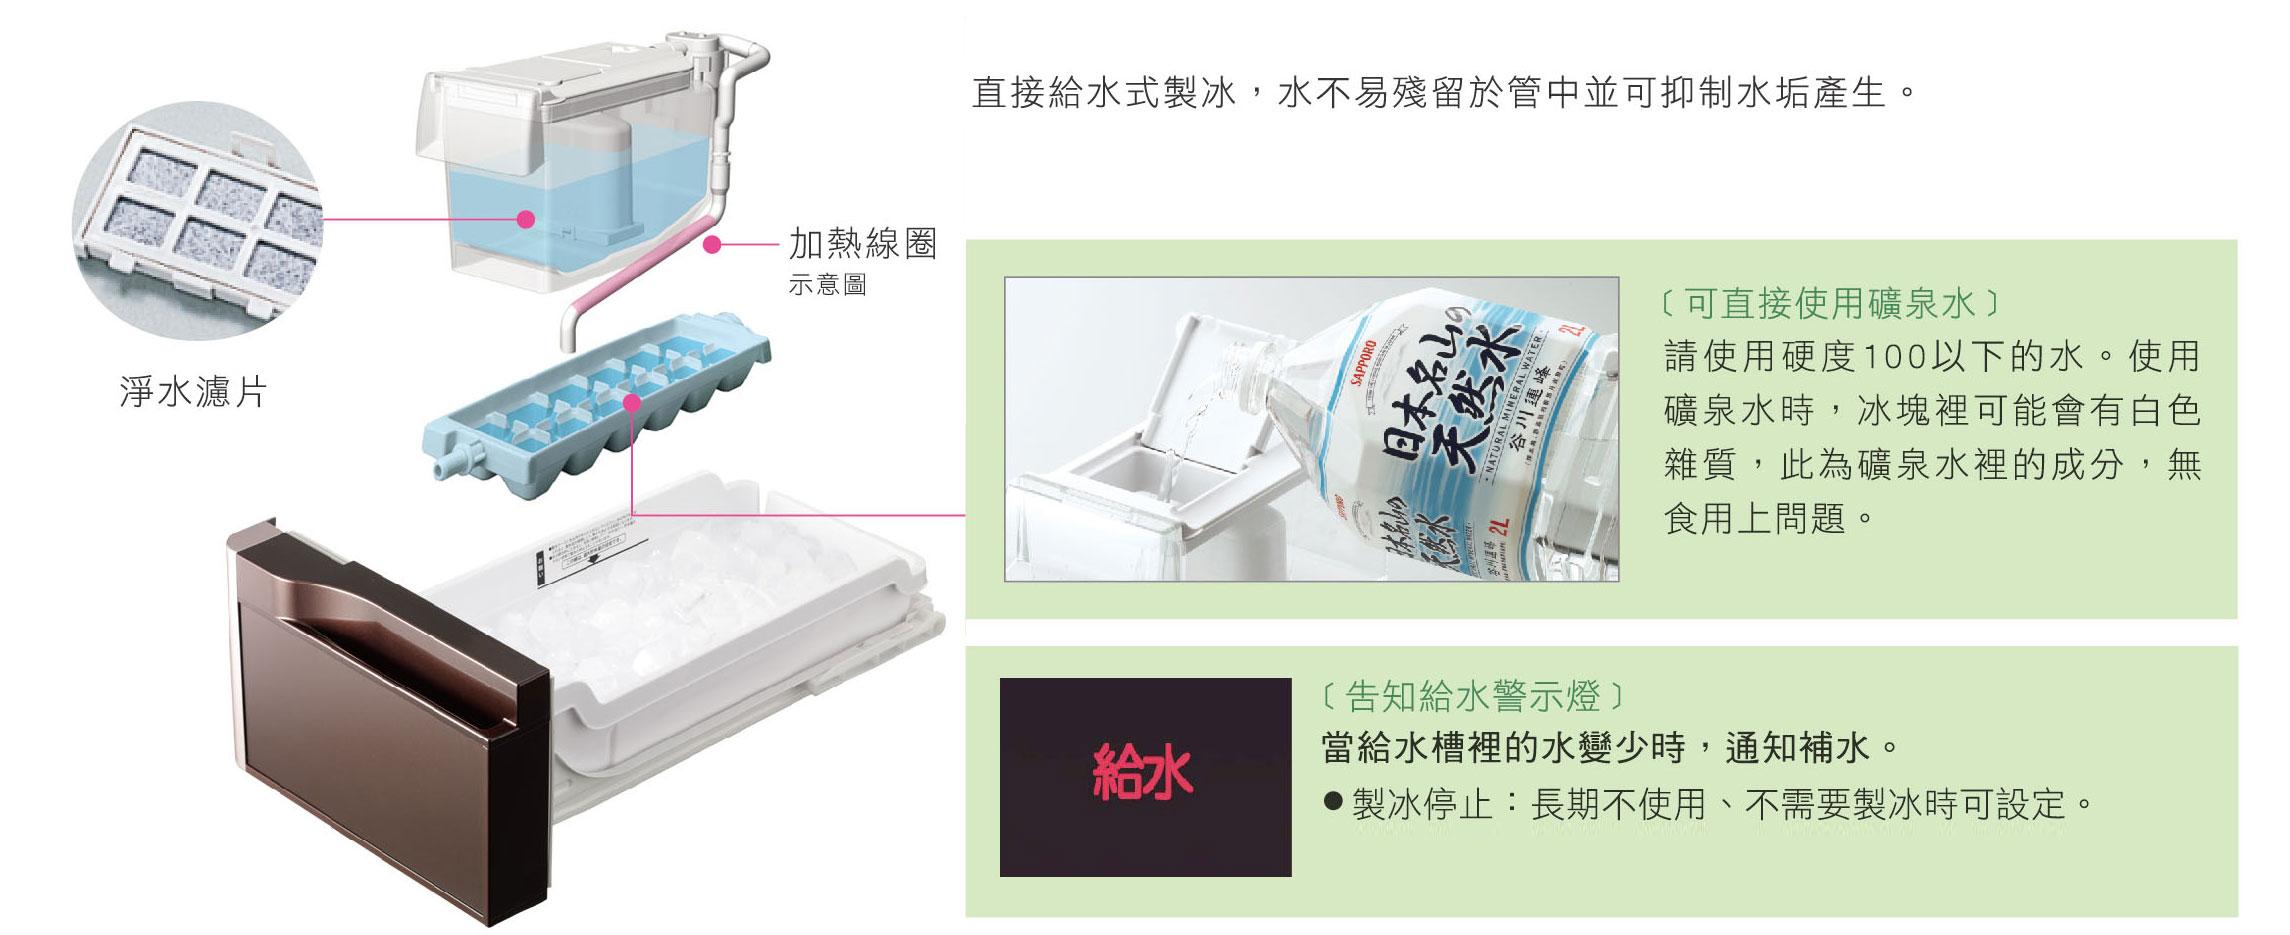 純淨自動製冰 大量儲存